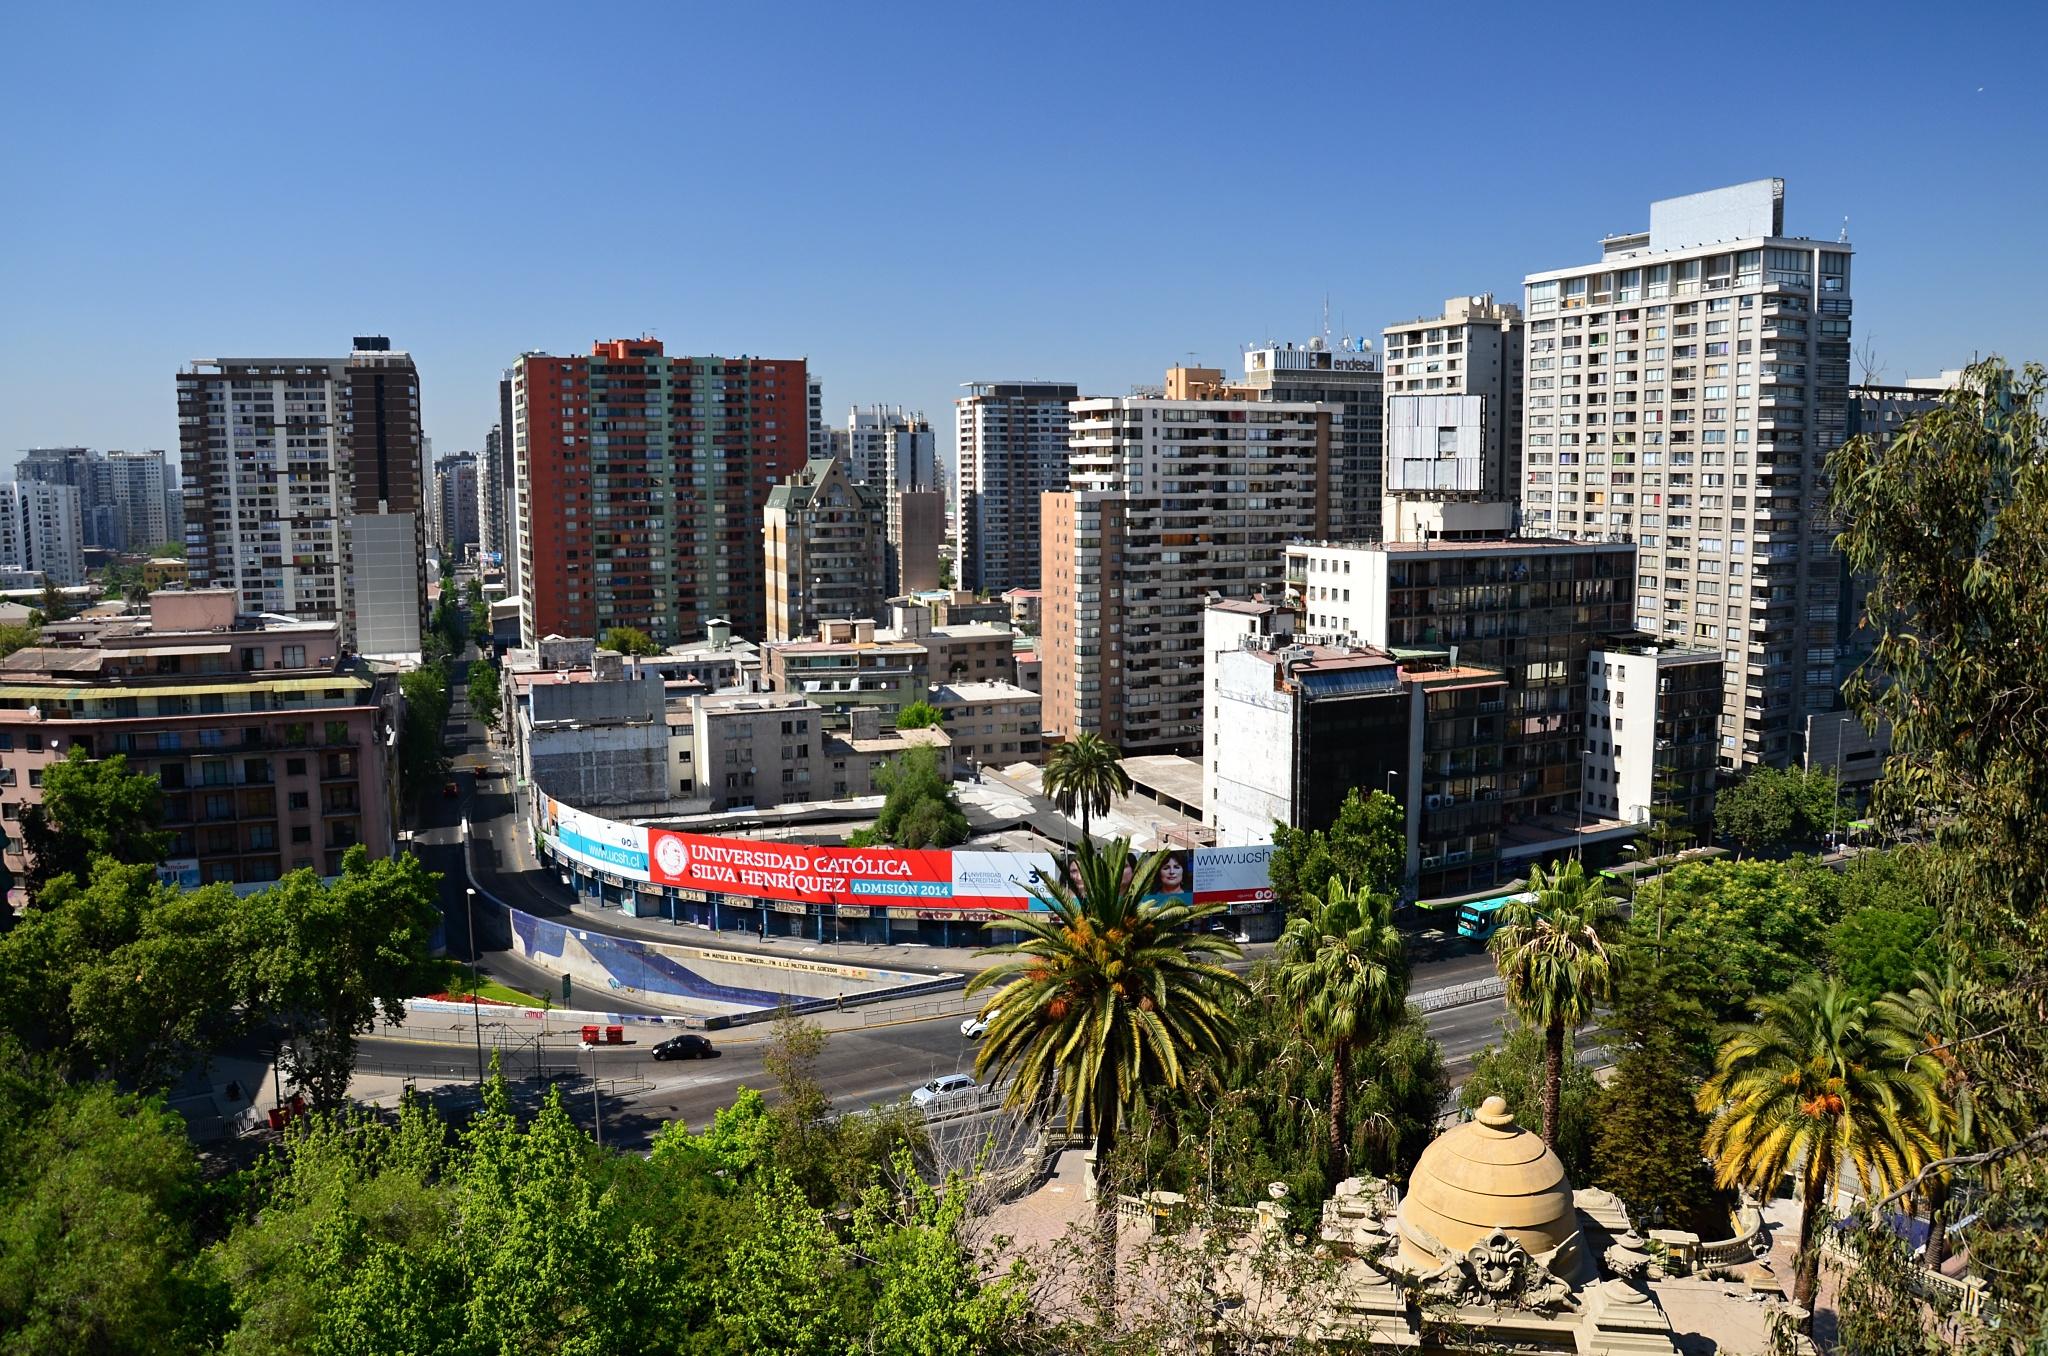 Výhled na bezprostřední okolí kopce Santa Lucía